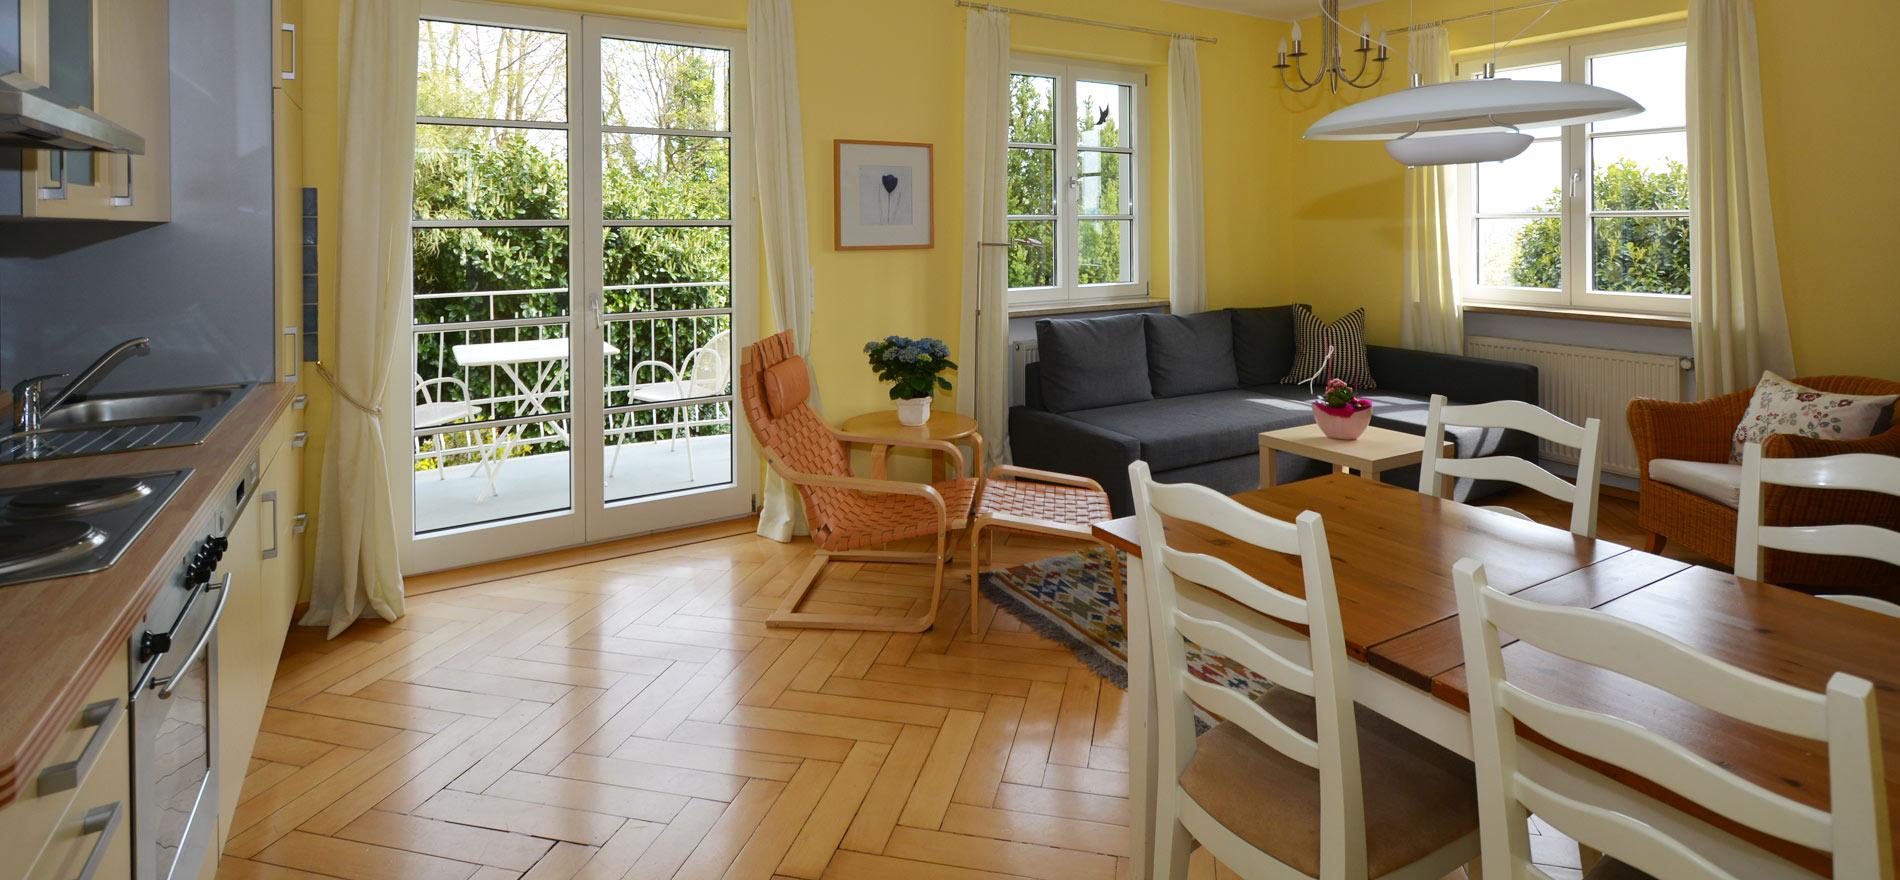 Ferienwohnung Pfarrhaus in Meersburg - Wohnung 2 1